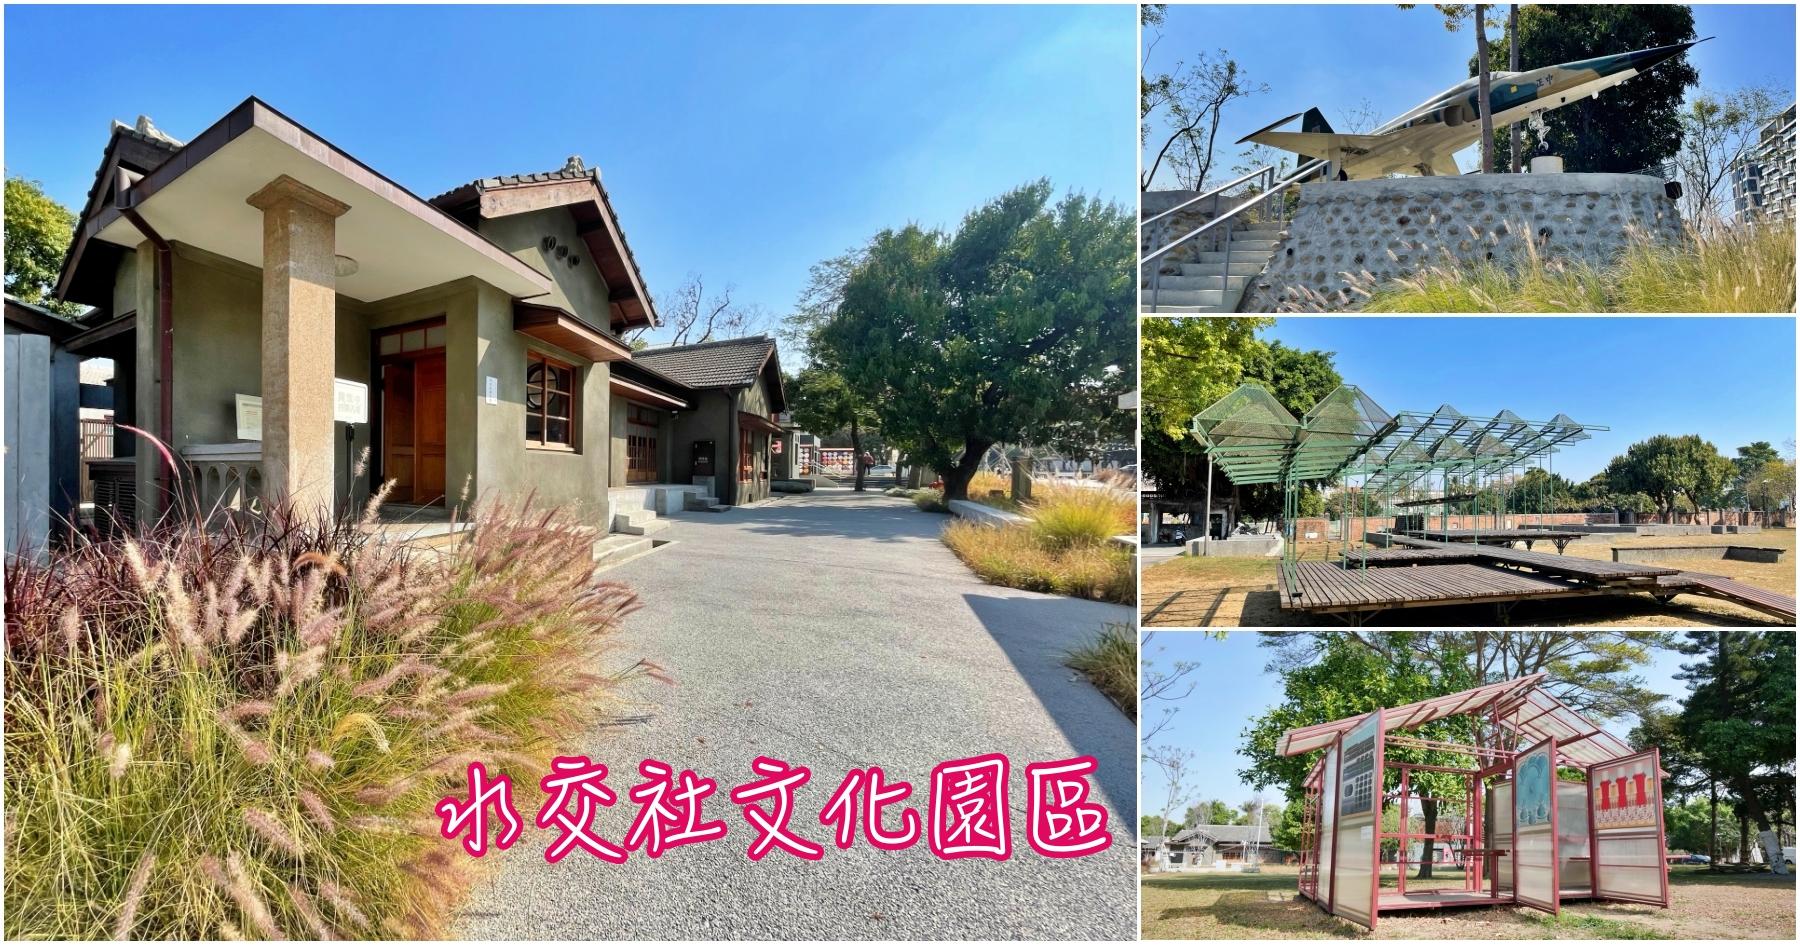 最新推播訊息:[台南景點]水交社文化園區|網美景點.親子同遊~眷村主題館.放風好所在